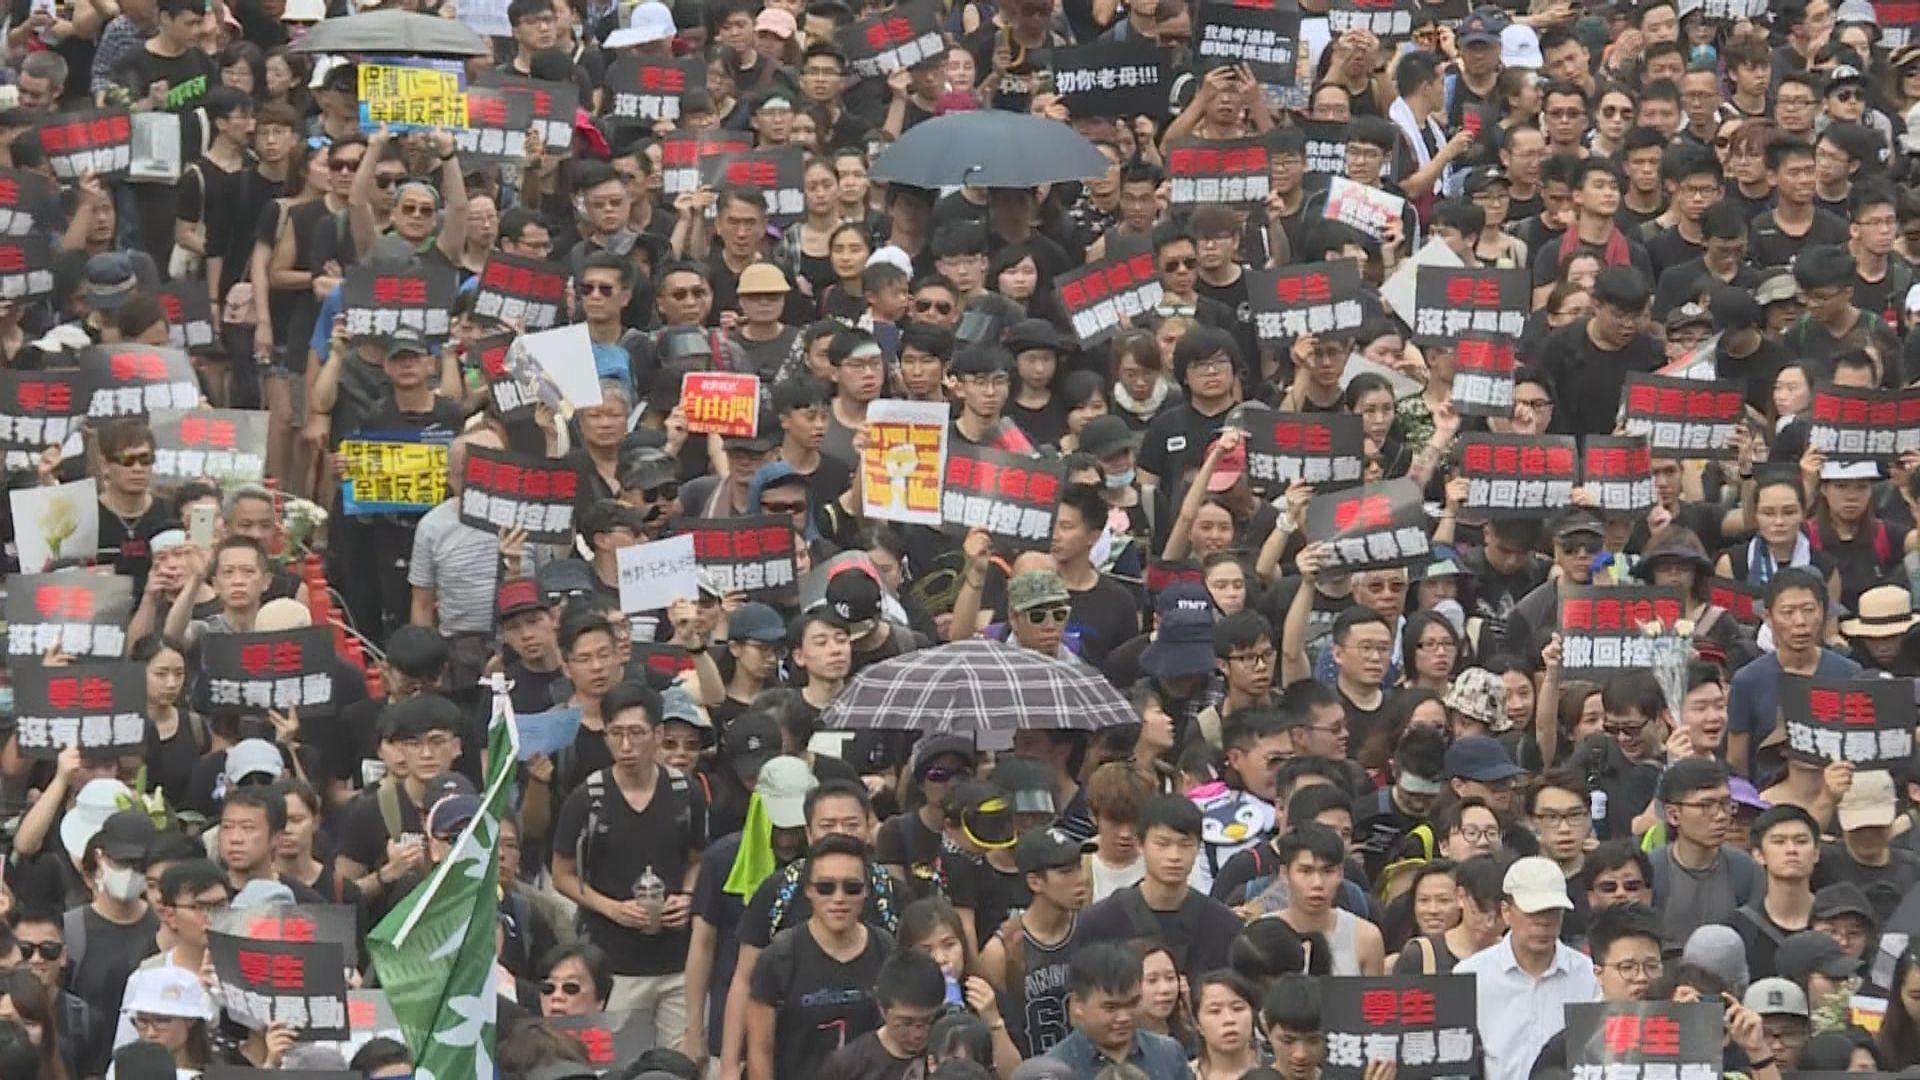 遊行人士促平反暴動定性 要求林鄭道歉